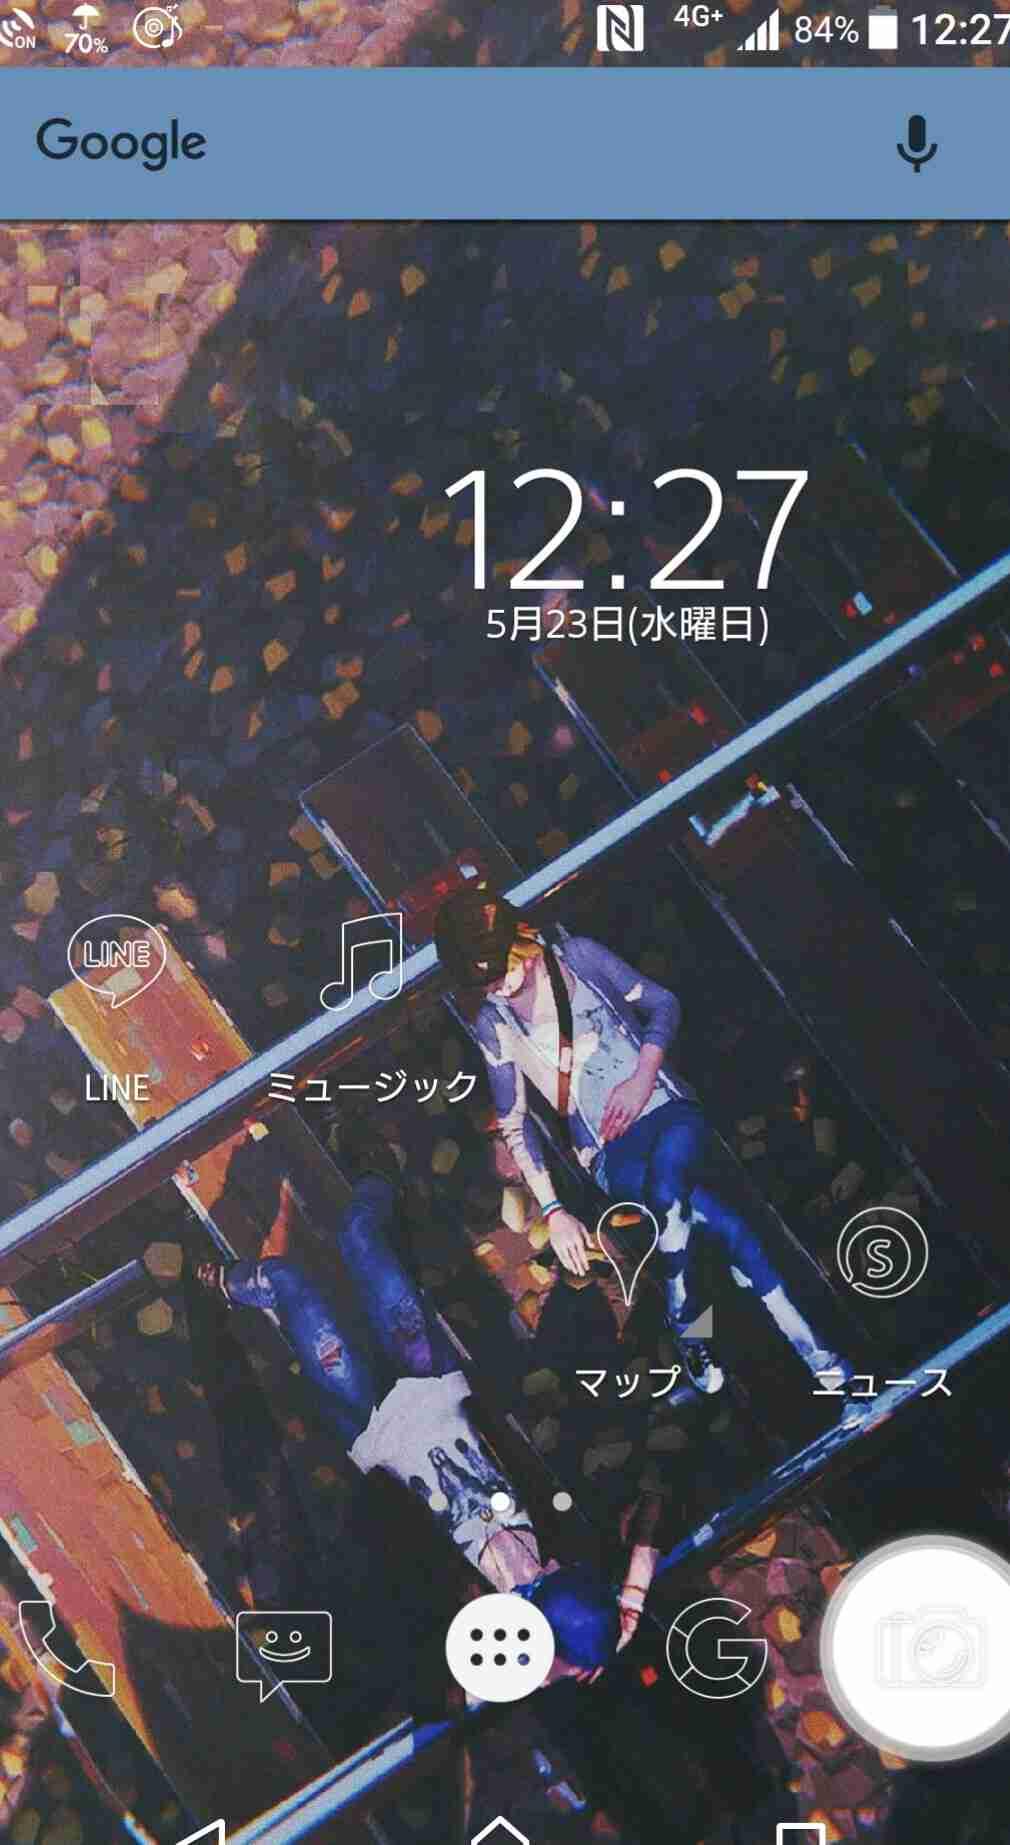 携帯のホーム画面、見せて下さい!